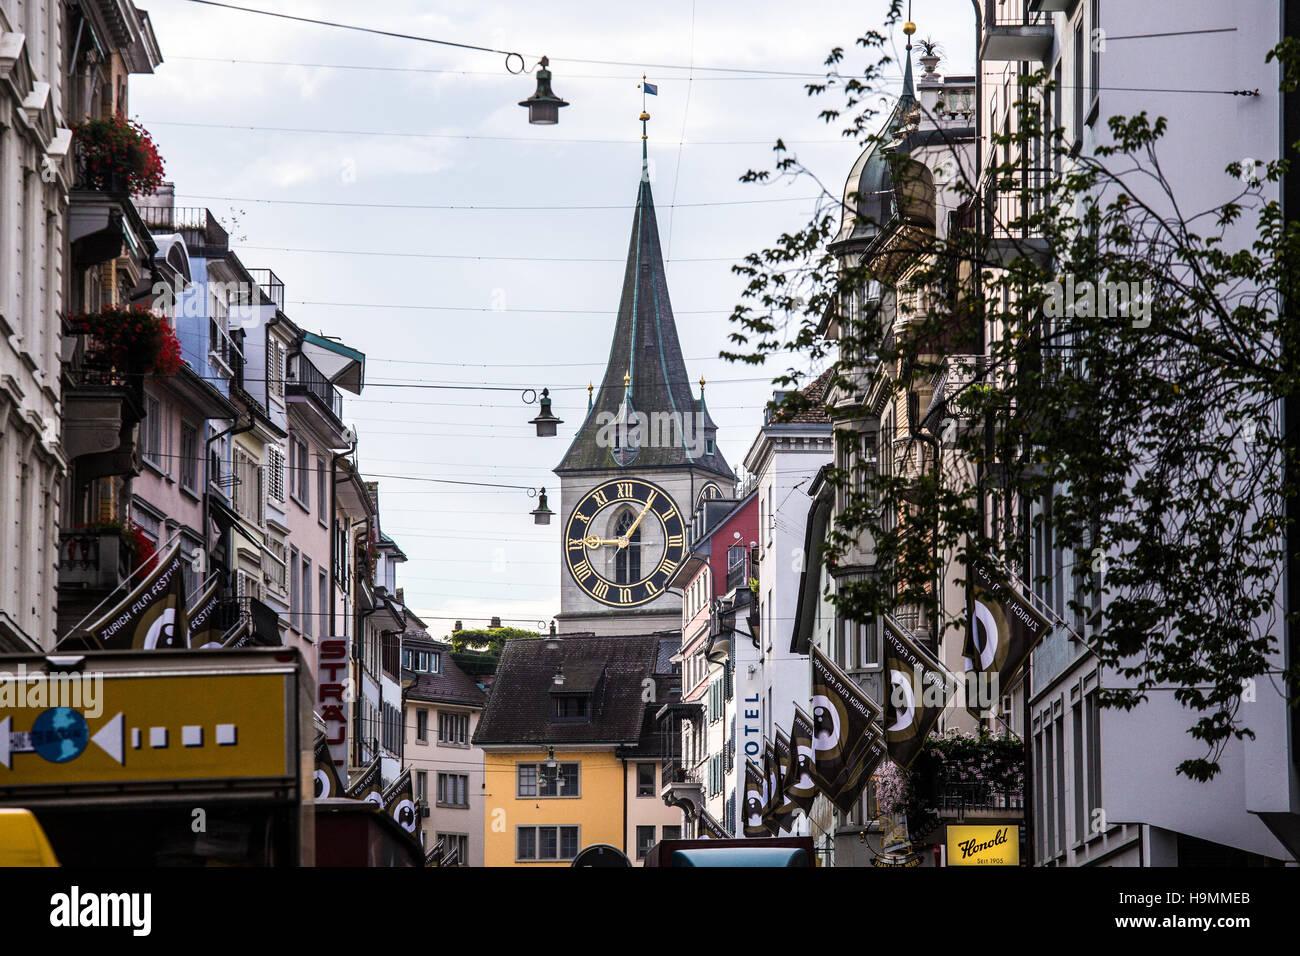 St Peter Church Clocktower in Zurich, Switzerland Stock Photo